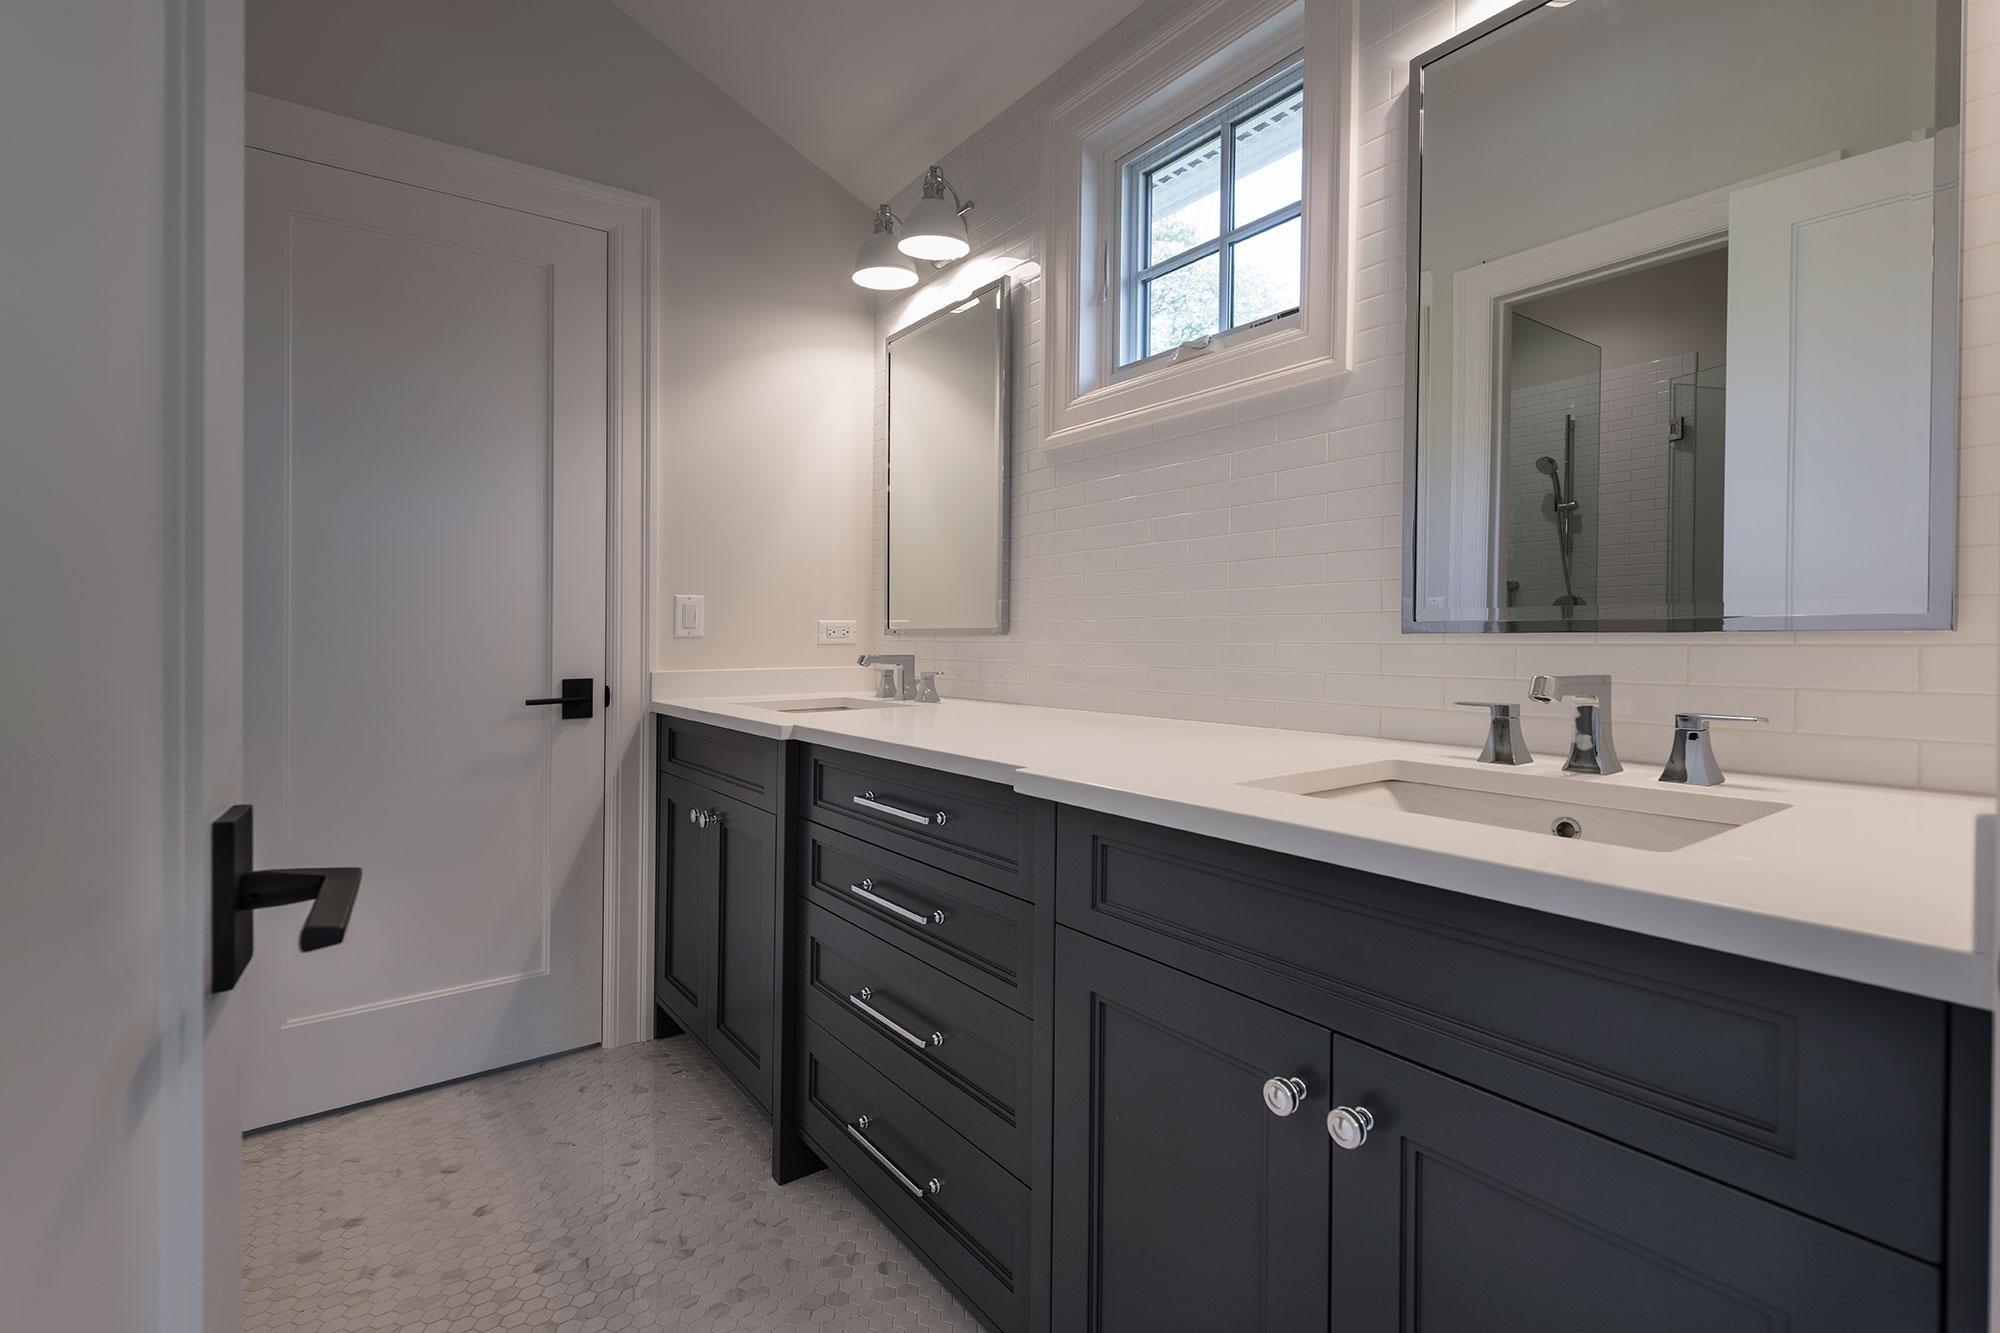 Custom Wood Interior Doors | white paint grade custom interior doors  - Glenview Doors - Custom Doors in Chicago